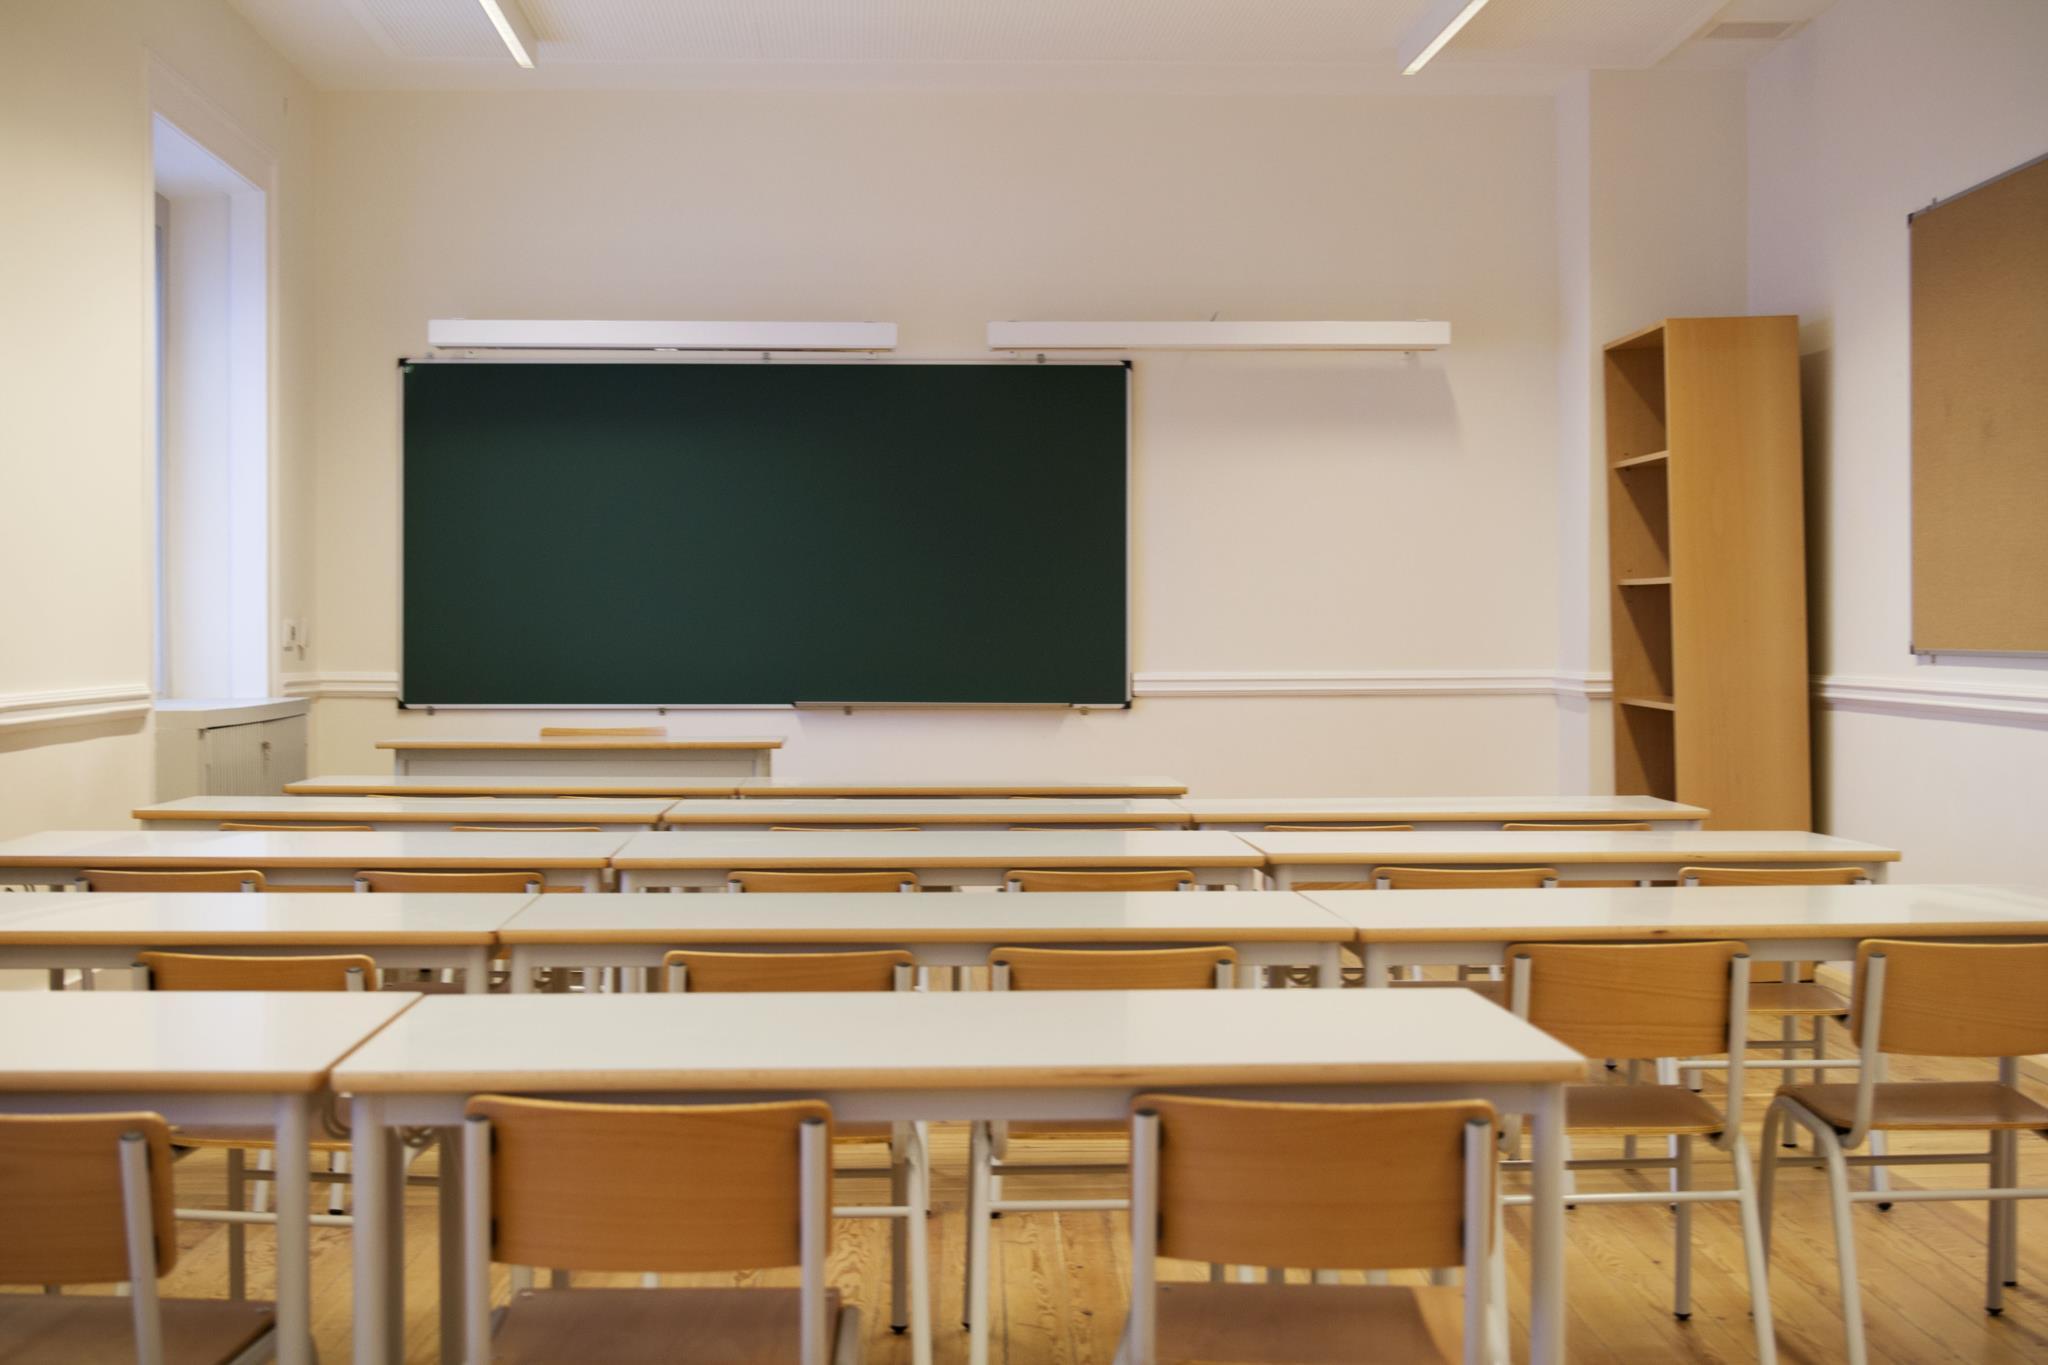 O caso ocorreu na escola Anthony Aguirre Junior High, no Texas, EUA